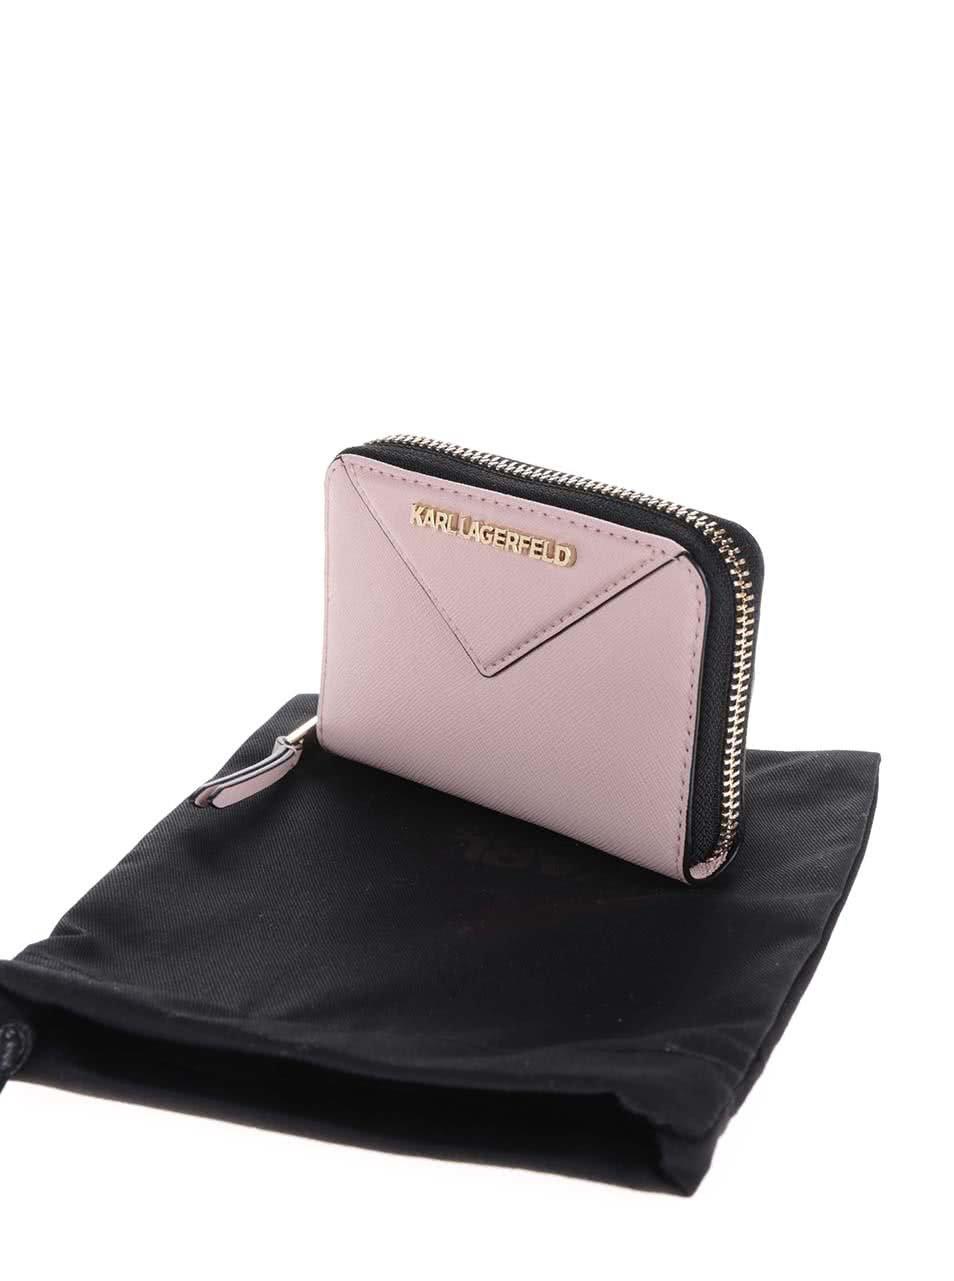 Svetloružová kožená peňaženka KARL LAGERFELD ... 1f4afd5910a